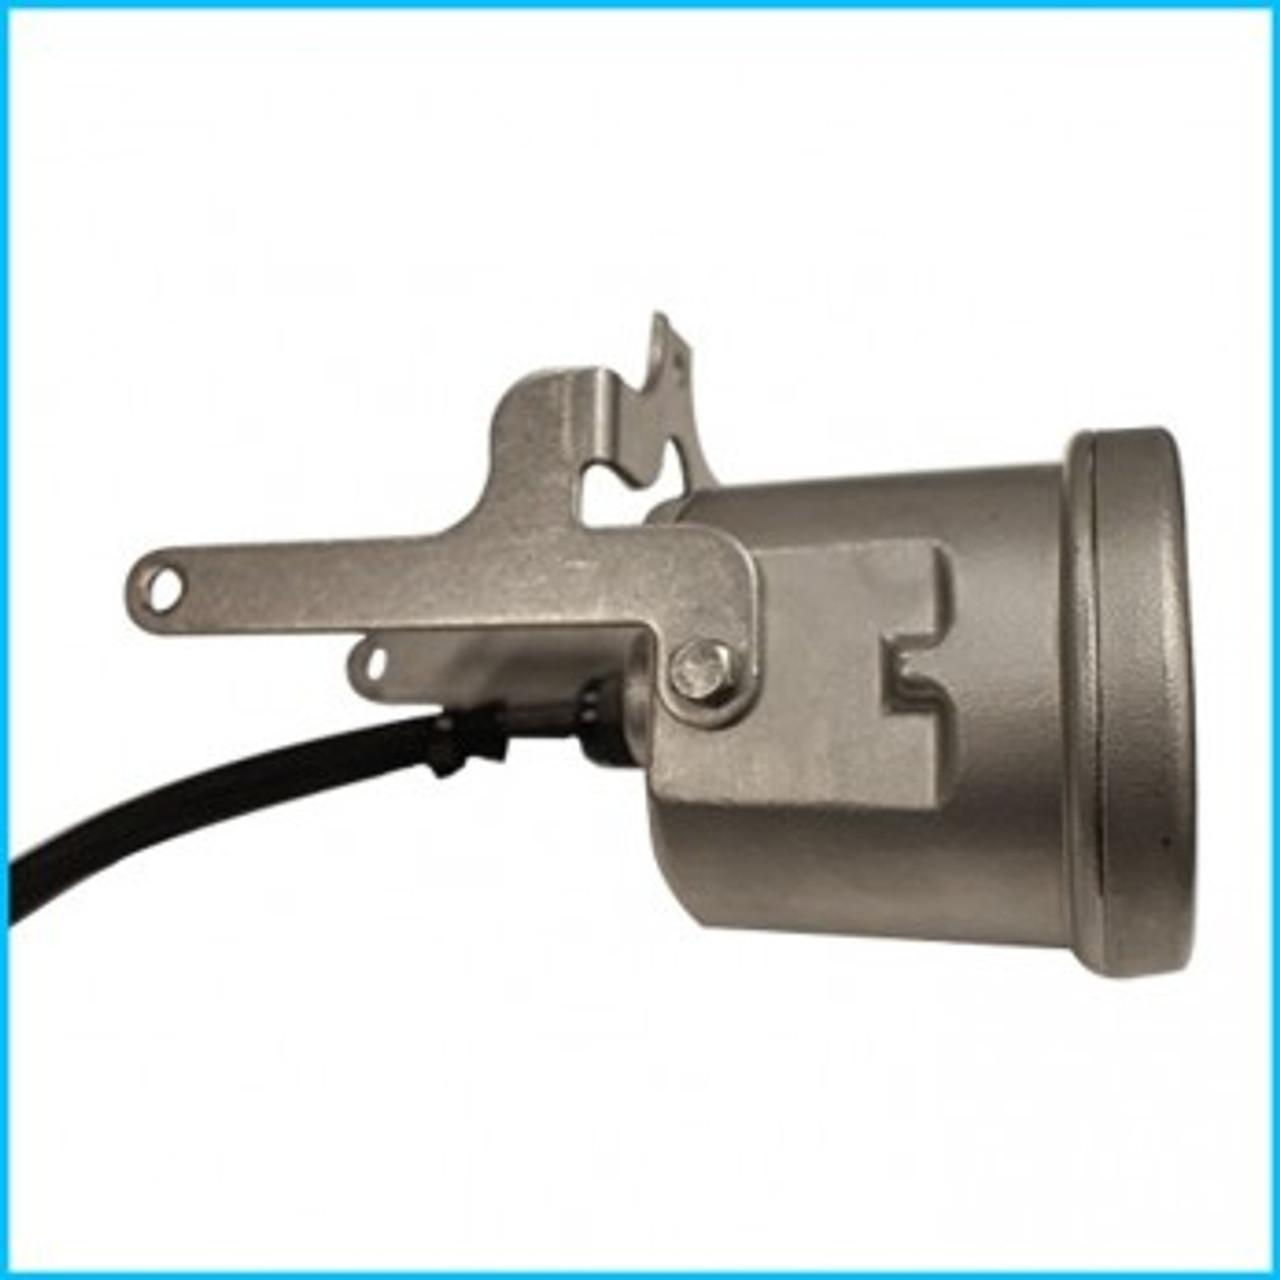 Kasco Marine LED Stainless Steel Housing Light Kit, 4 Fixtures